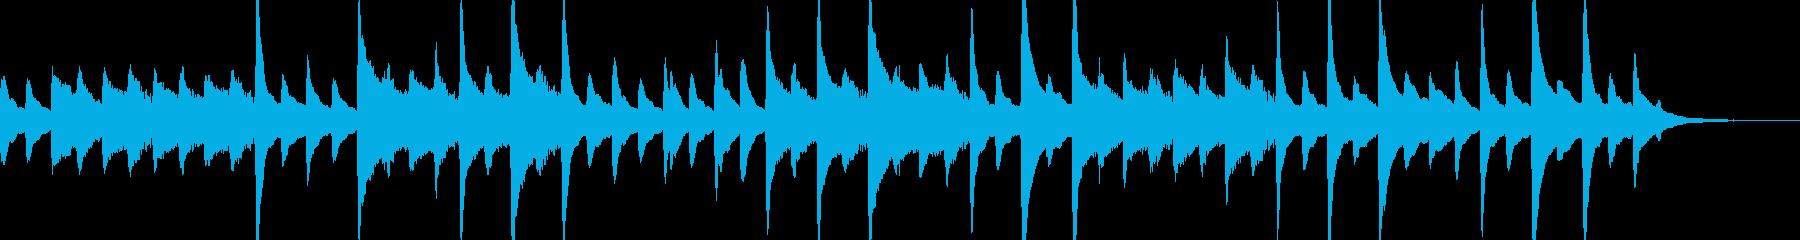 リラックス・優しい アコギ・フルートの再生済みの波形